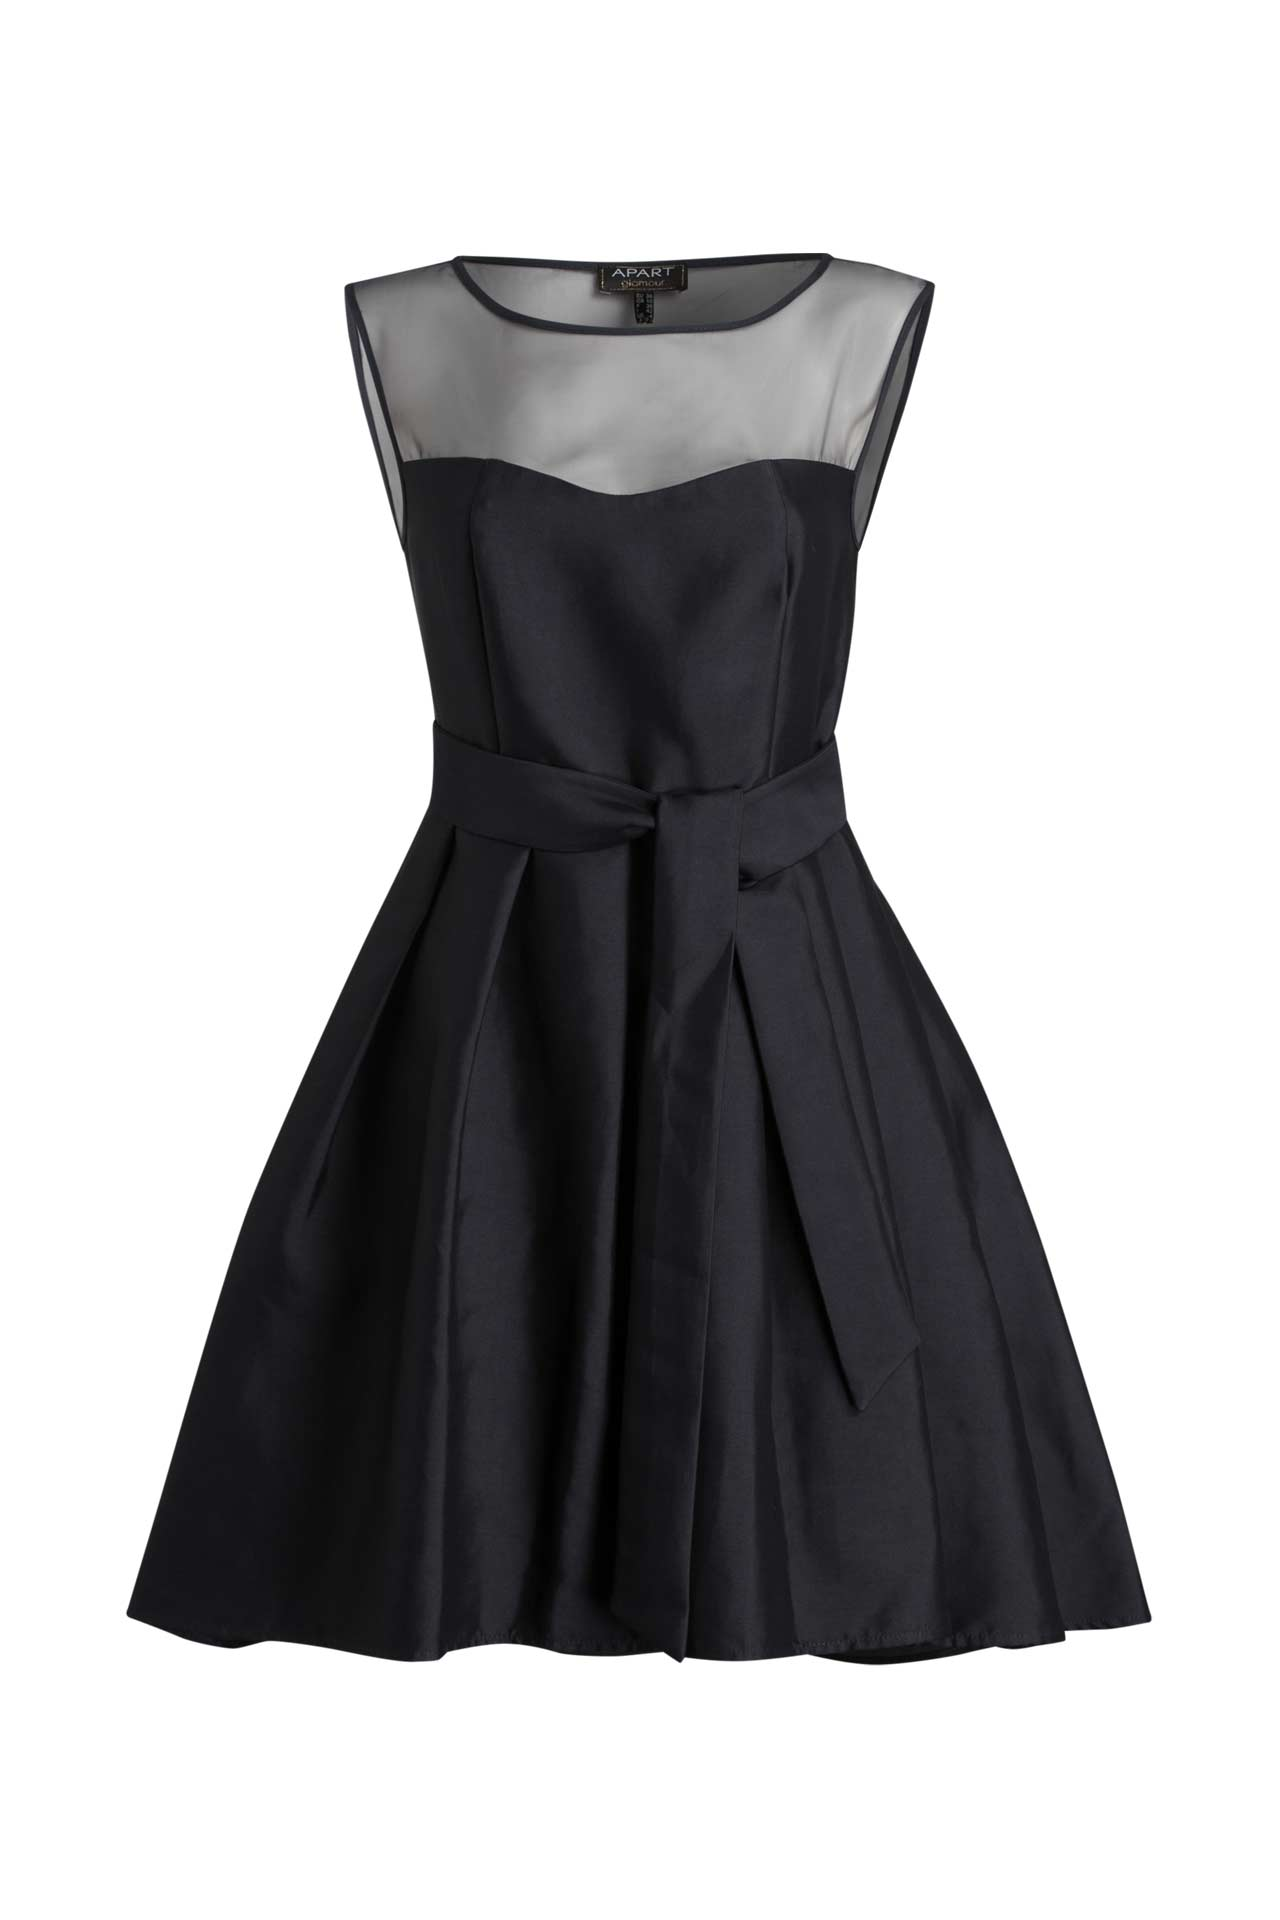 APART - Kleid dunkelblau » günstig online kaufen ...